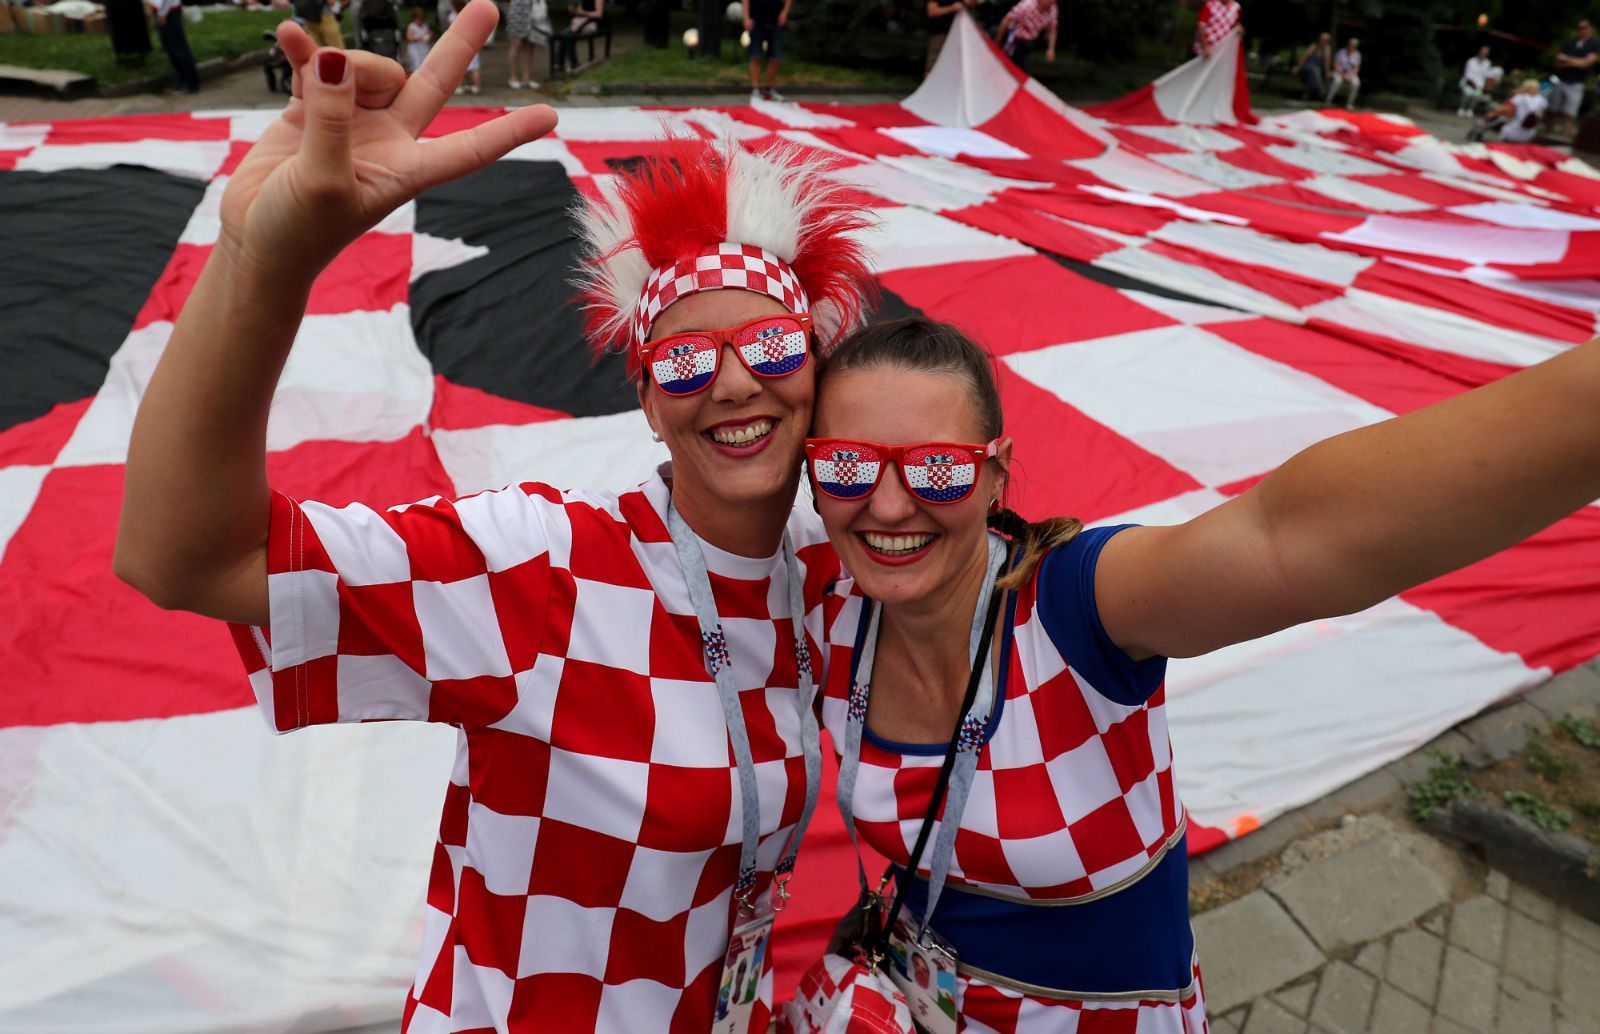 Hrvatska navijačka zastava i ruska krojačica priredili pravi spektakl u Nižnjem Novgorodu 4